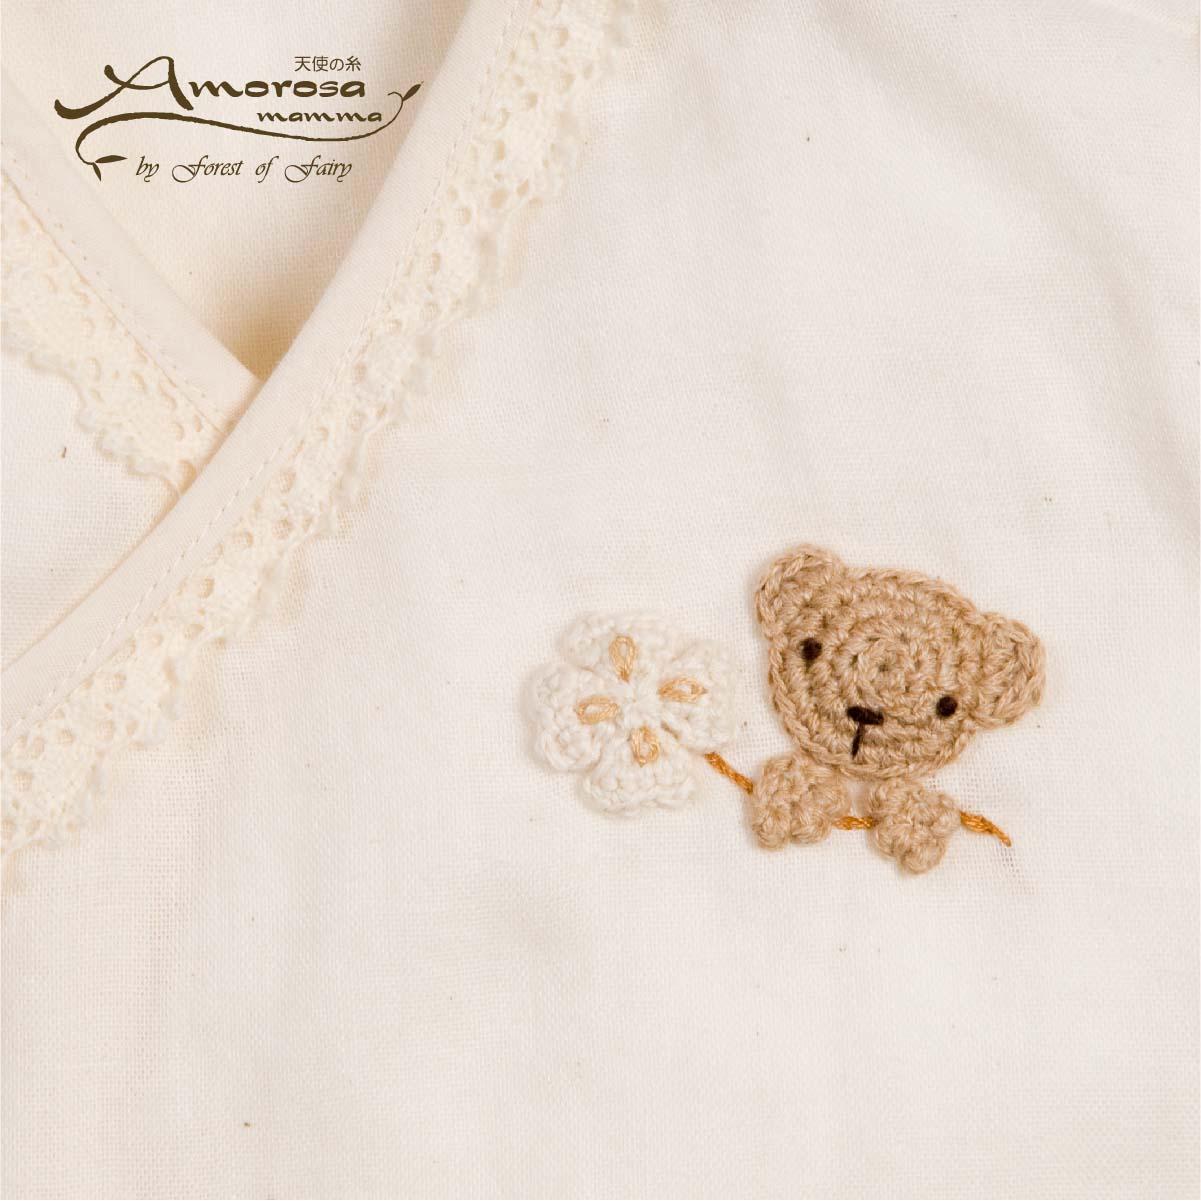 手編みモチーフのガーゼグレコ(クマ&クローバー・ウサギ&マーガレット) AH045/AH046(ベビー服)